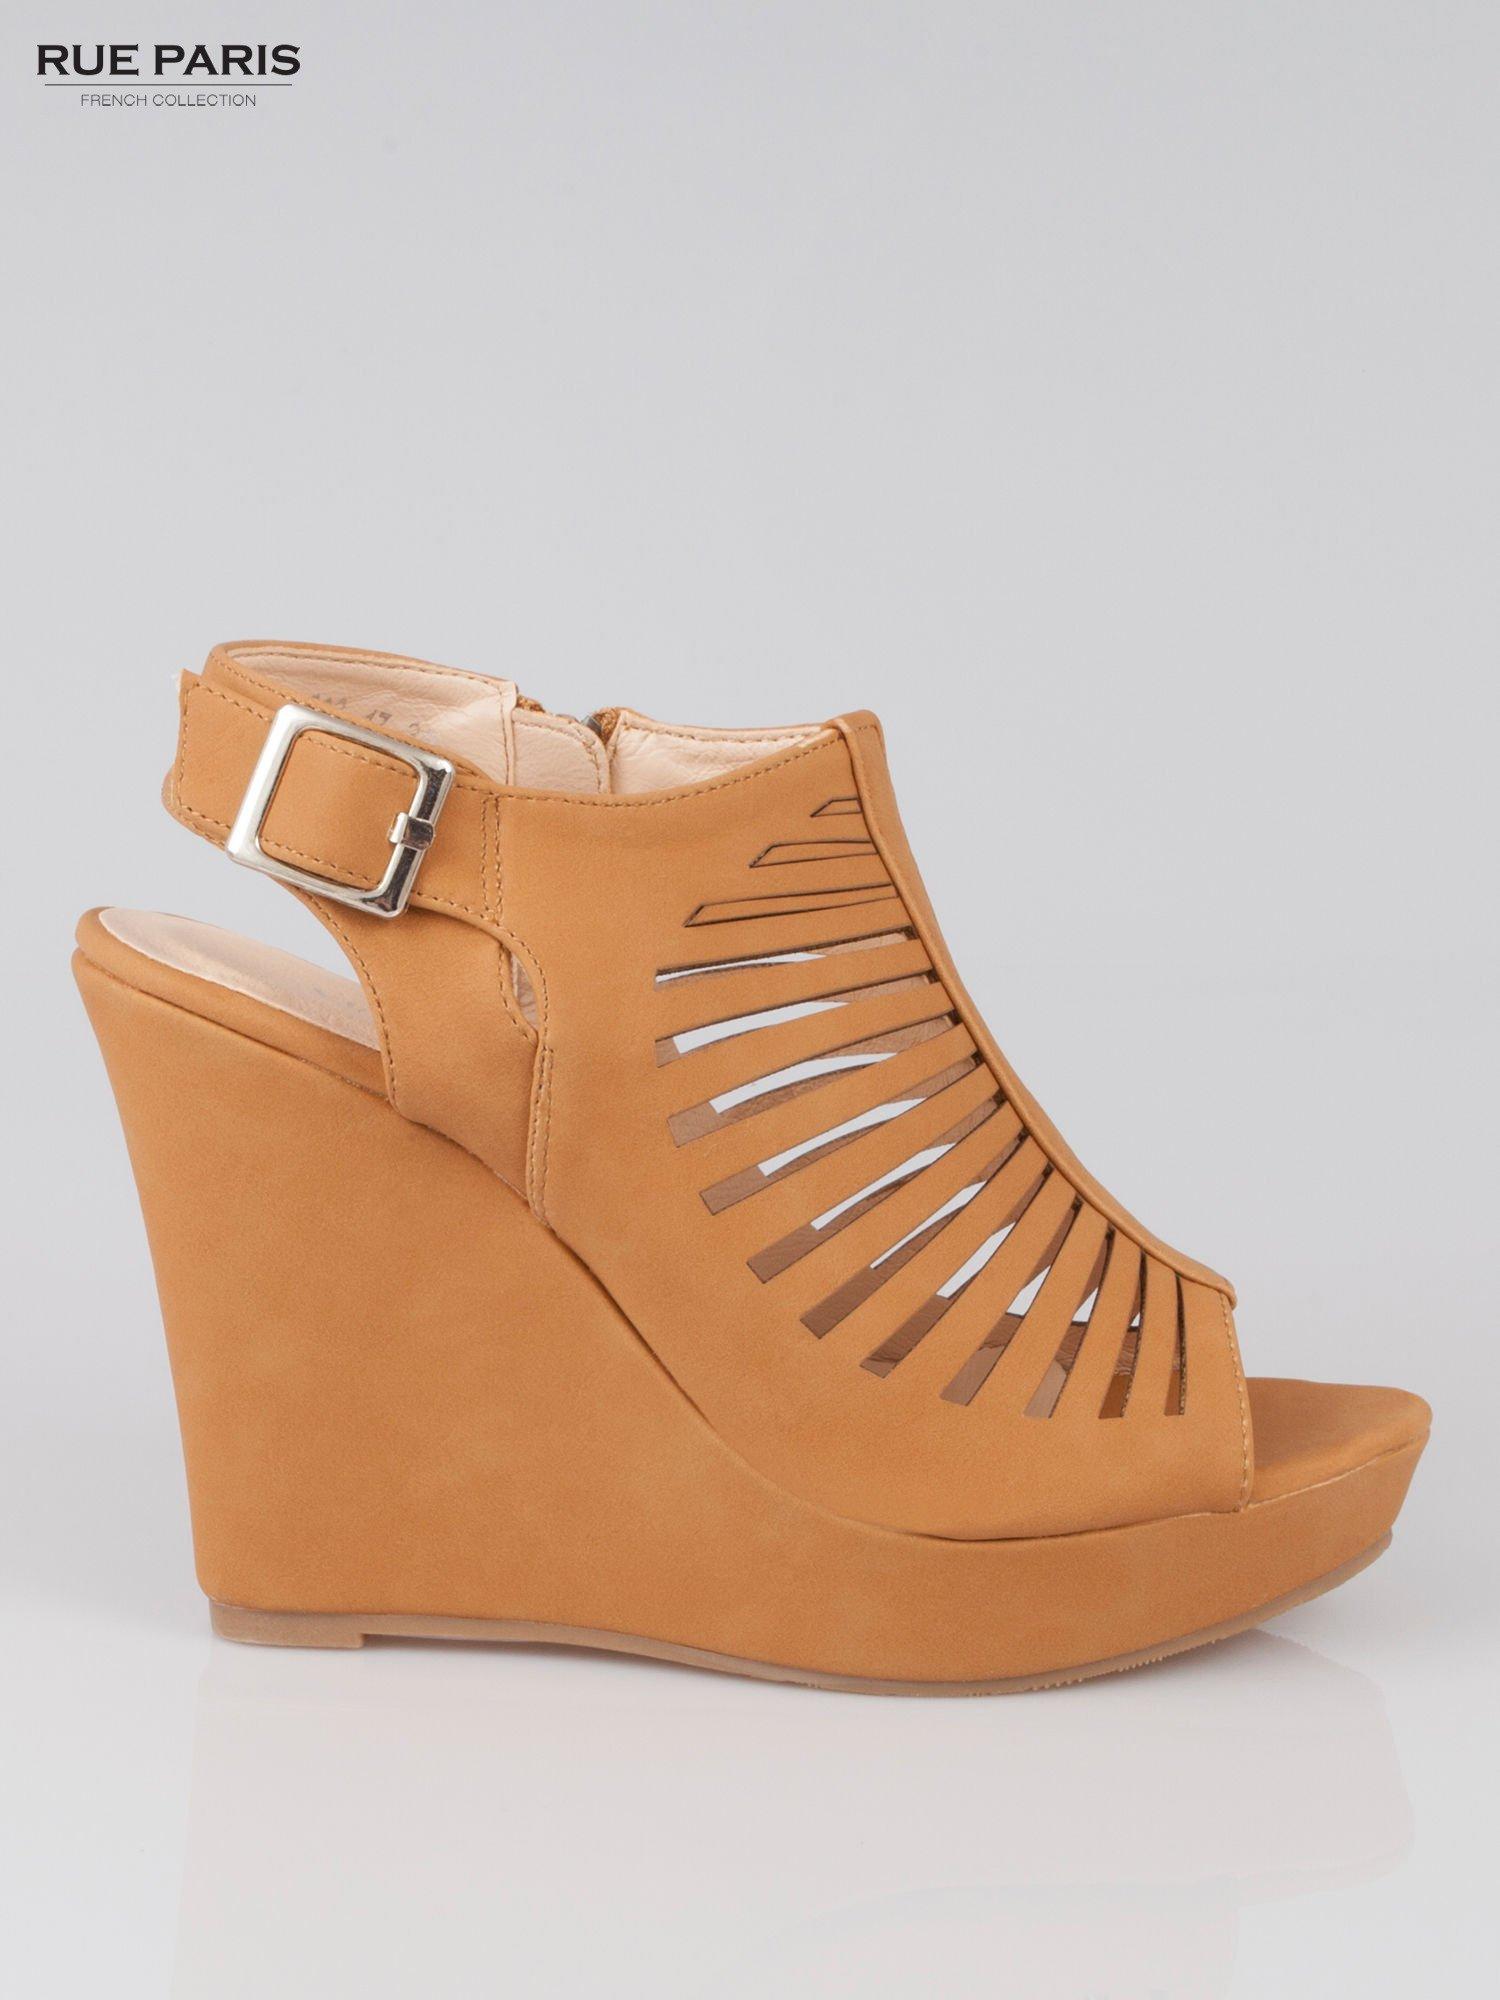 Karmelowe zamszowe sandały na koturnie Noelle                                  zdj.                                  1